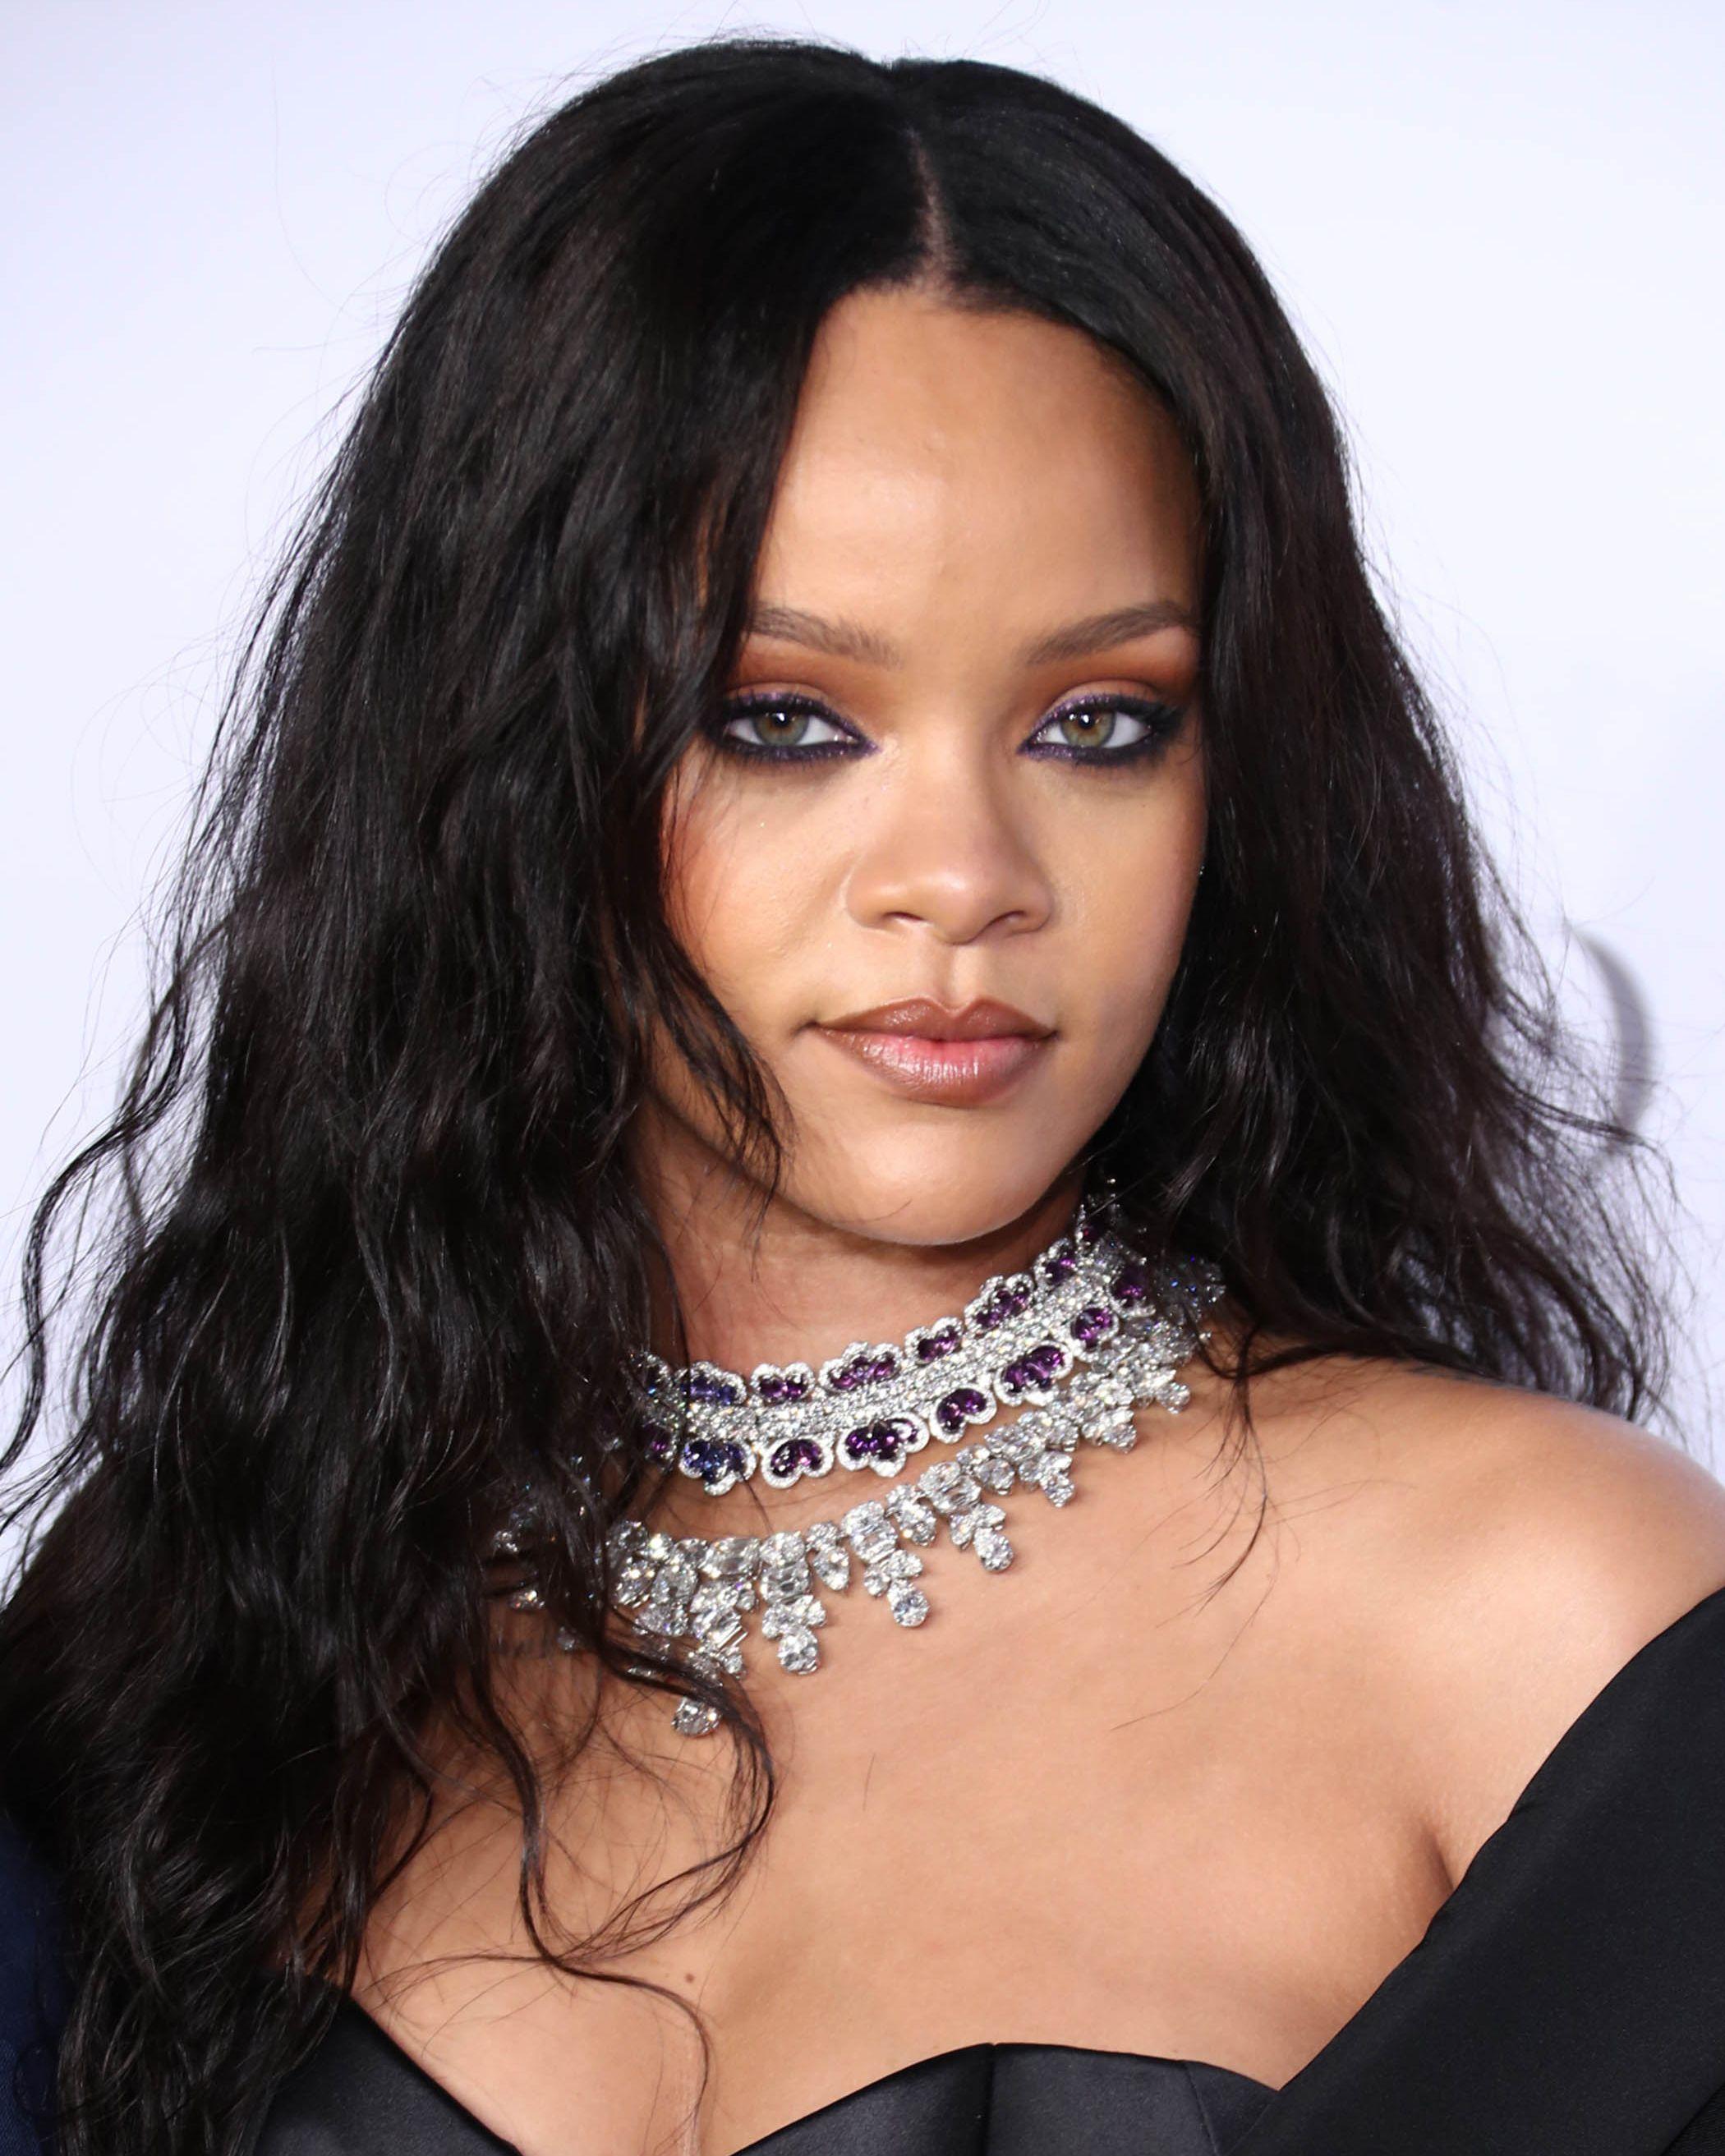 Rihanna Long Black Hair